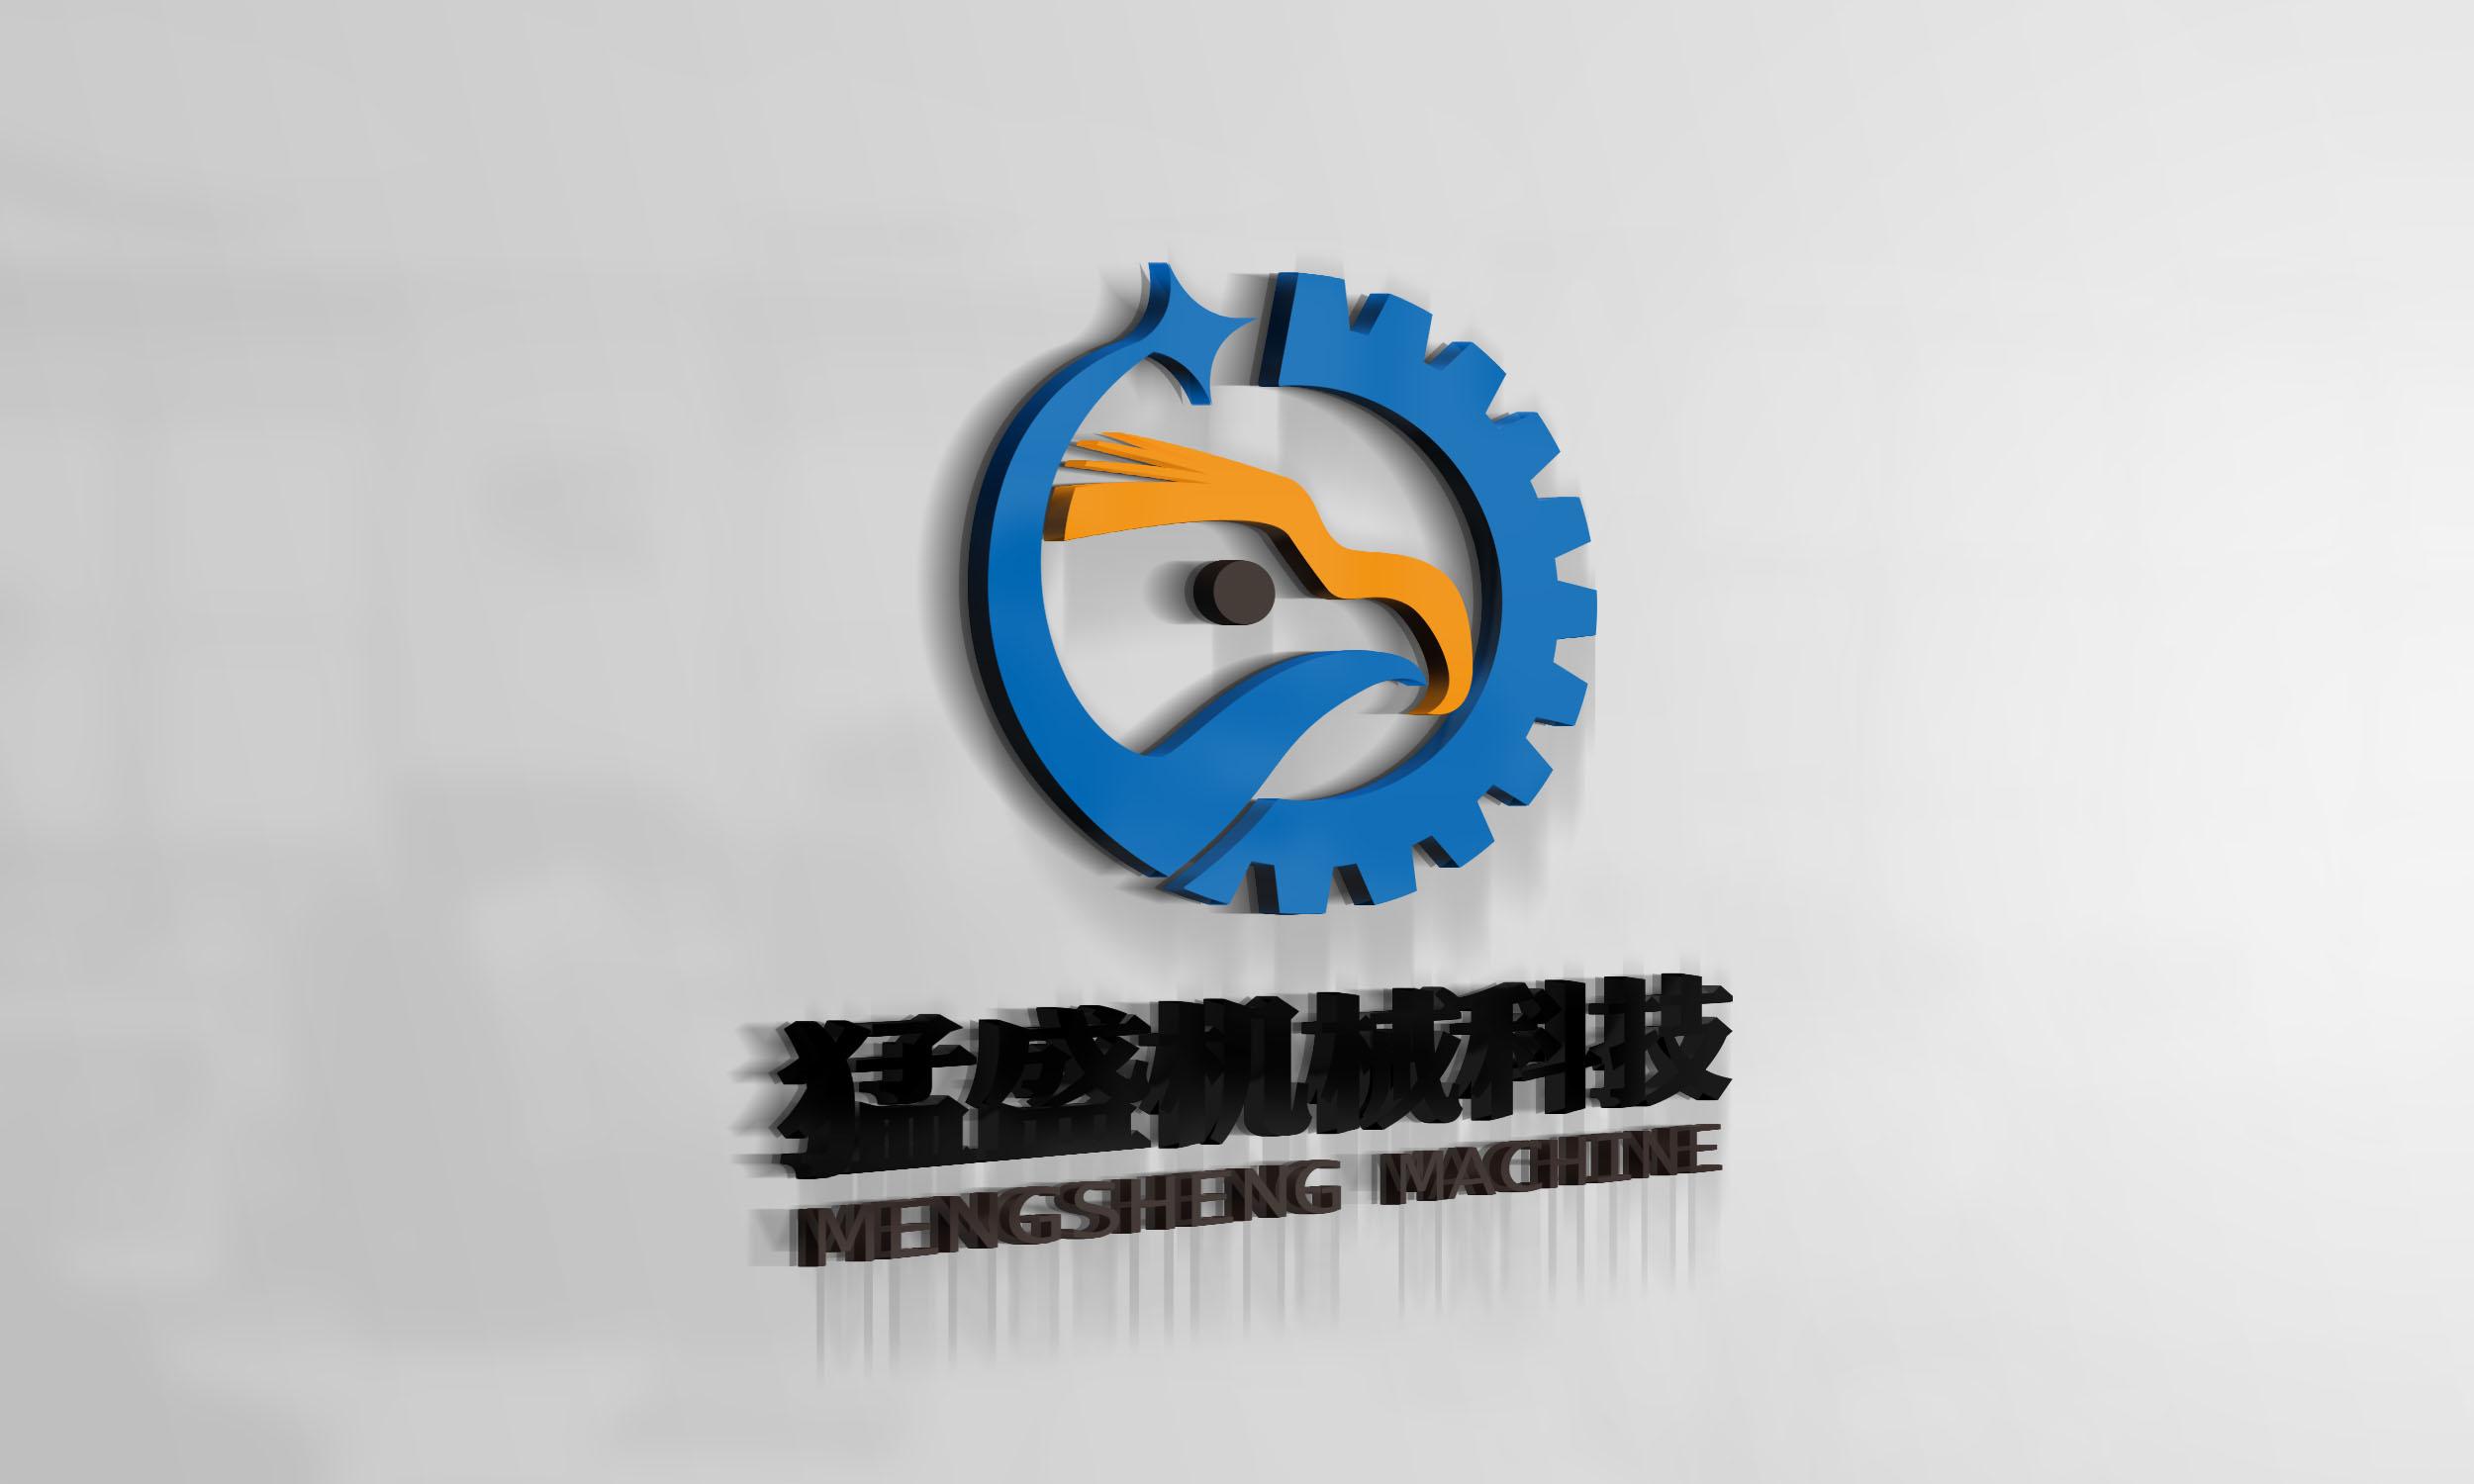 上海猛盛机械科技公司LOGO、广告语_2966036_k68威客网